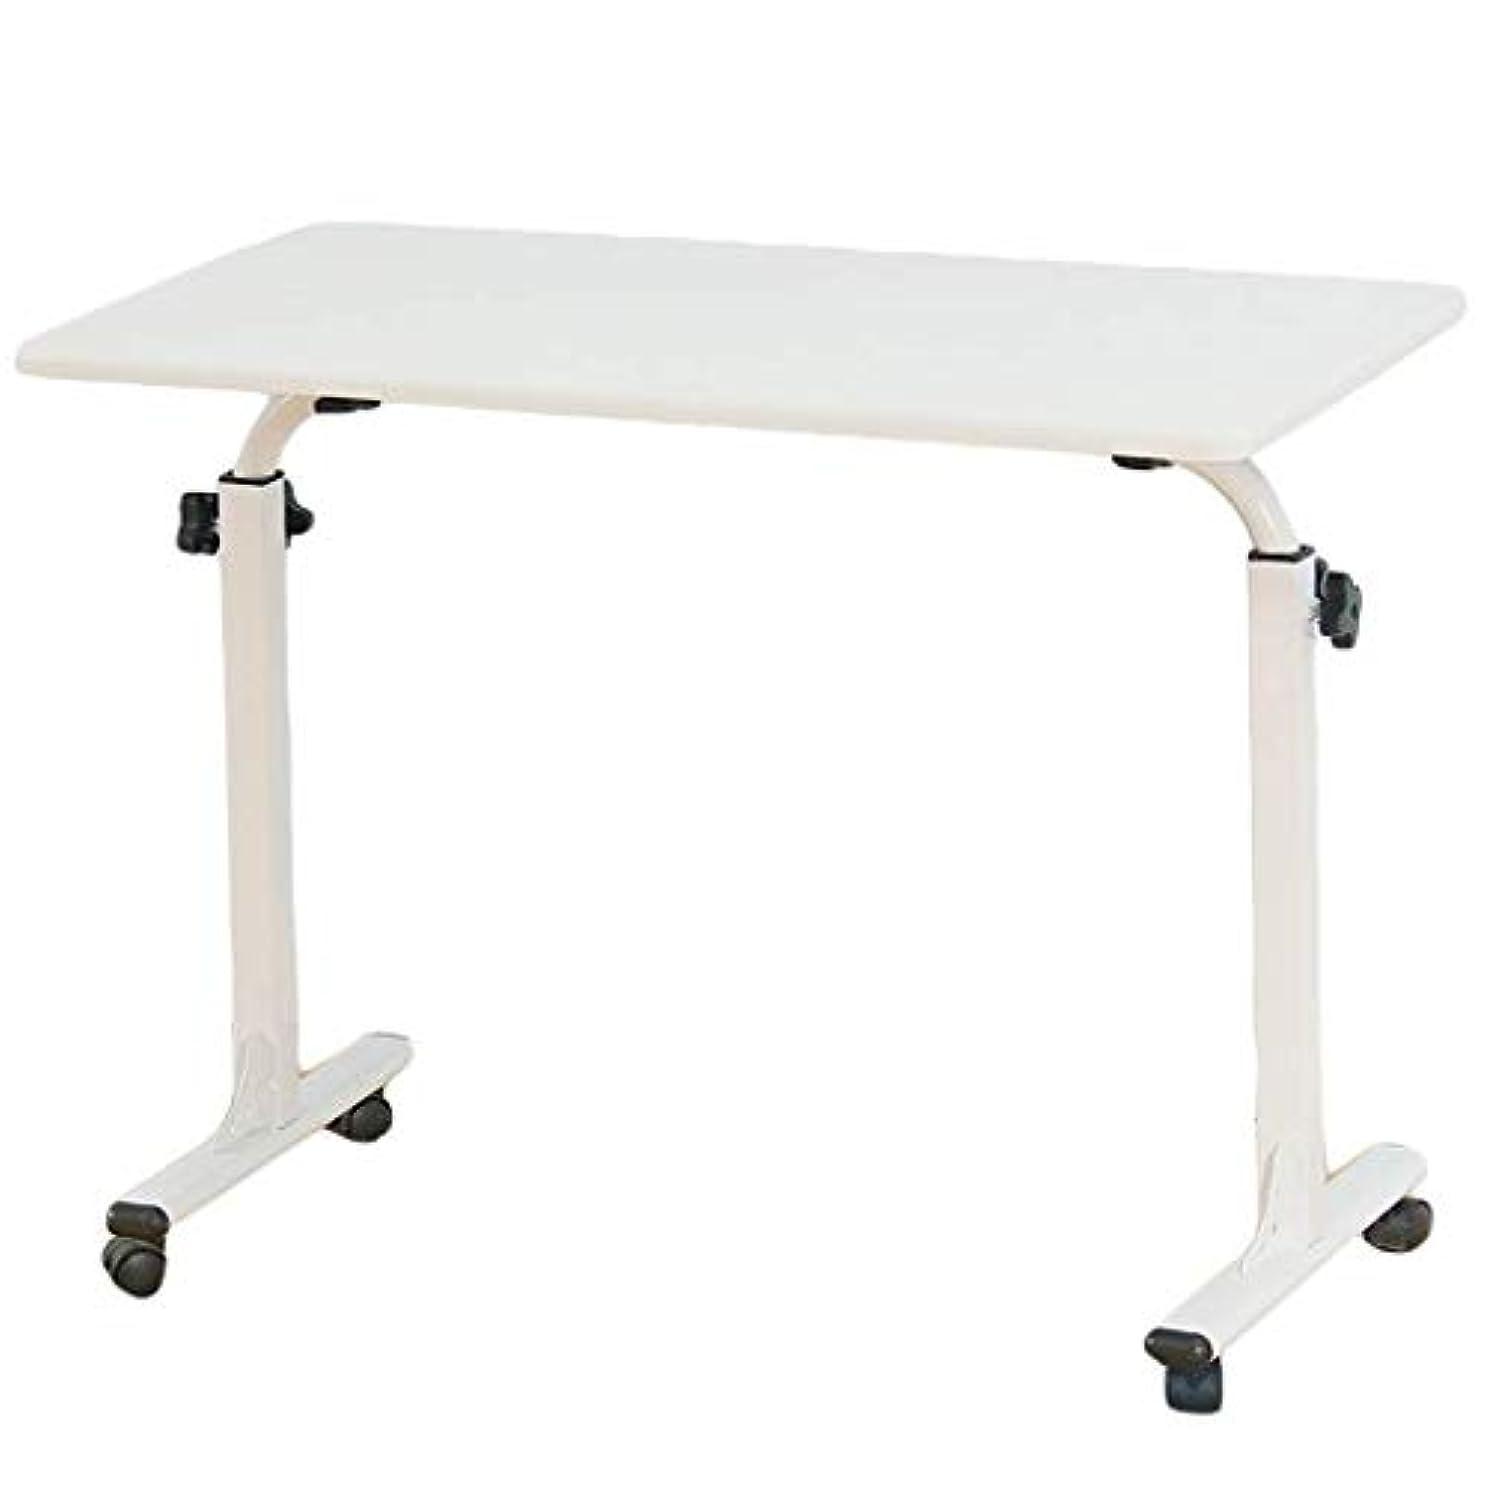 パッチ格納多数のROLLDDZ ベッド用ラップトップデスク、ラップトップデスクを食べるためのベッドトレイとラップトップスタンドラップテーブル、ラップトップと折りたたみ式ベッドデスク用ソファ